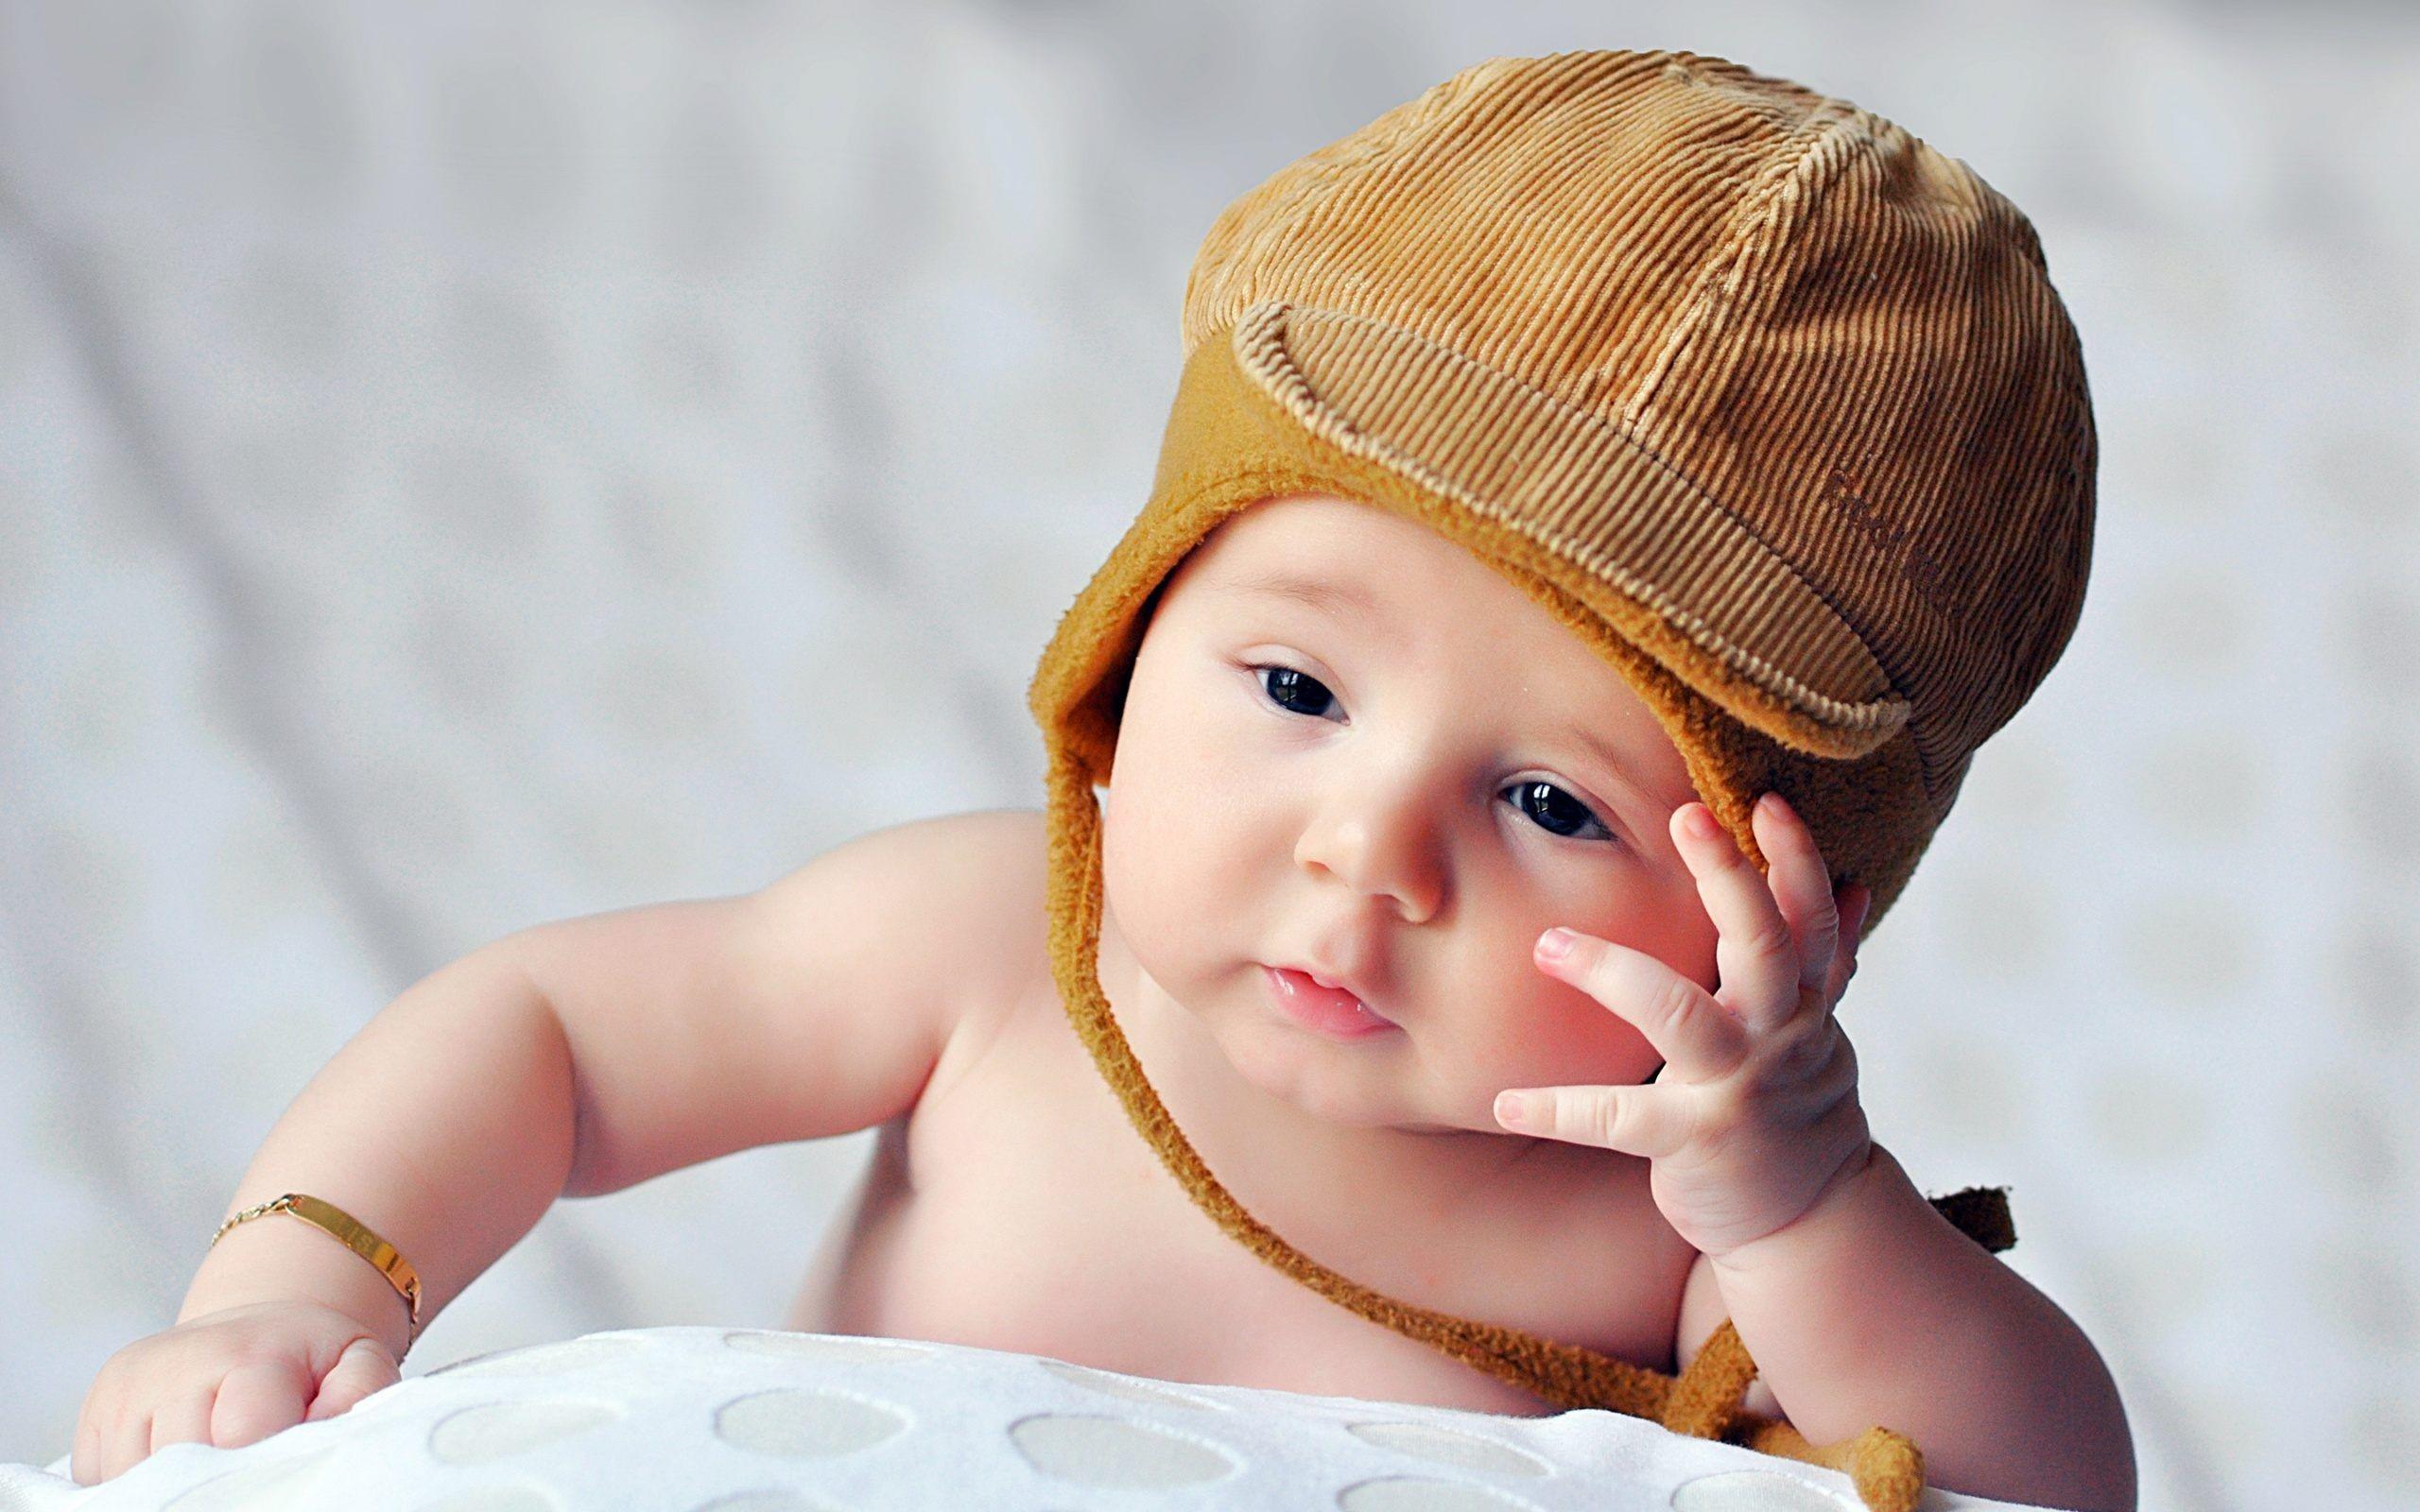 Komik Bebek Resimleri